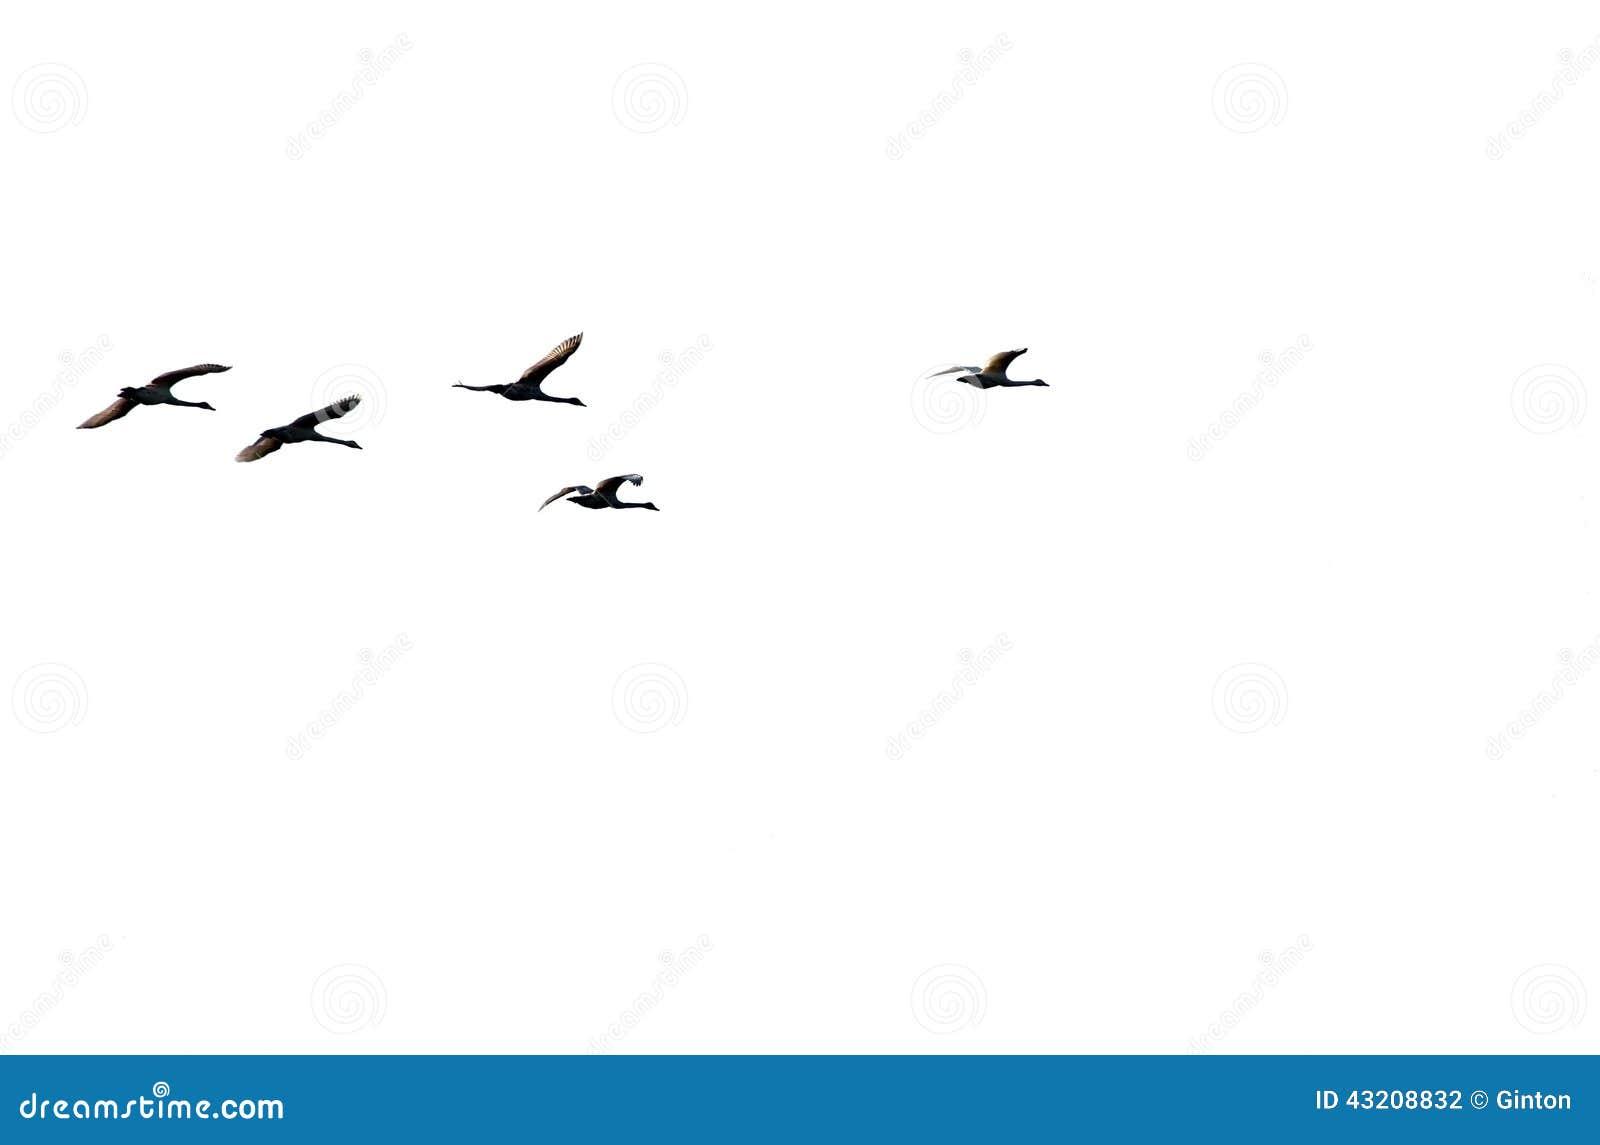 Download Swans i flyg arkivfoto. Bild av översikt, svärm, säsong - 43208832